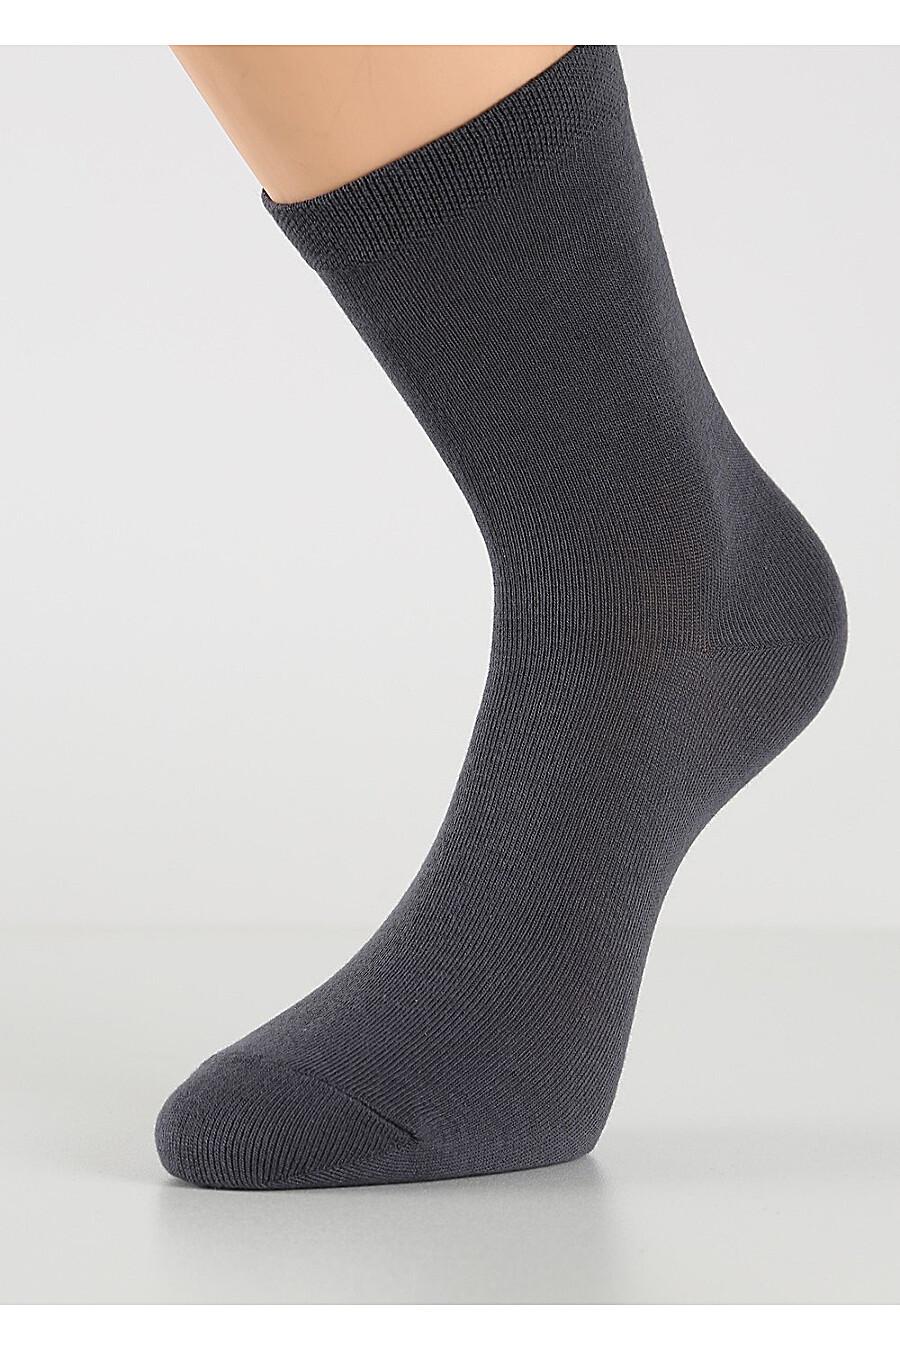 Носки для женщин CLEVER 175762 купить оптом от производителя. Совместная покупка женской одежды в OptMoyo